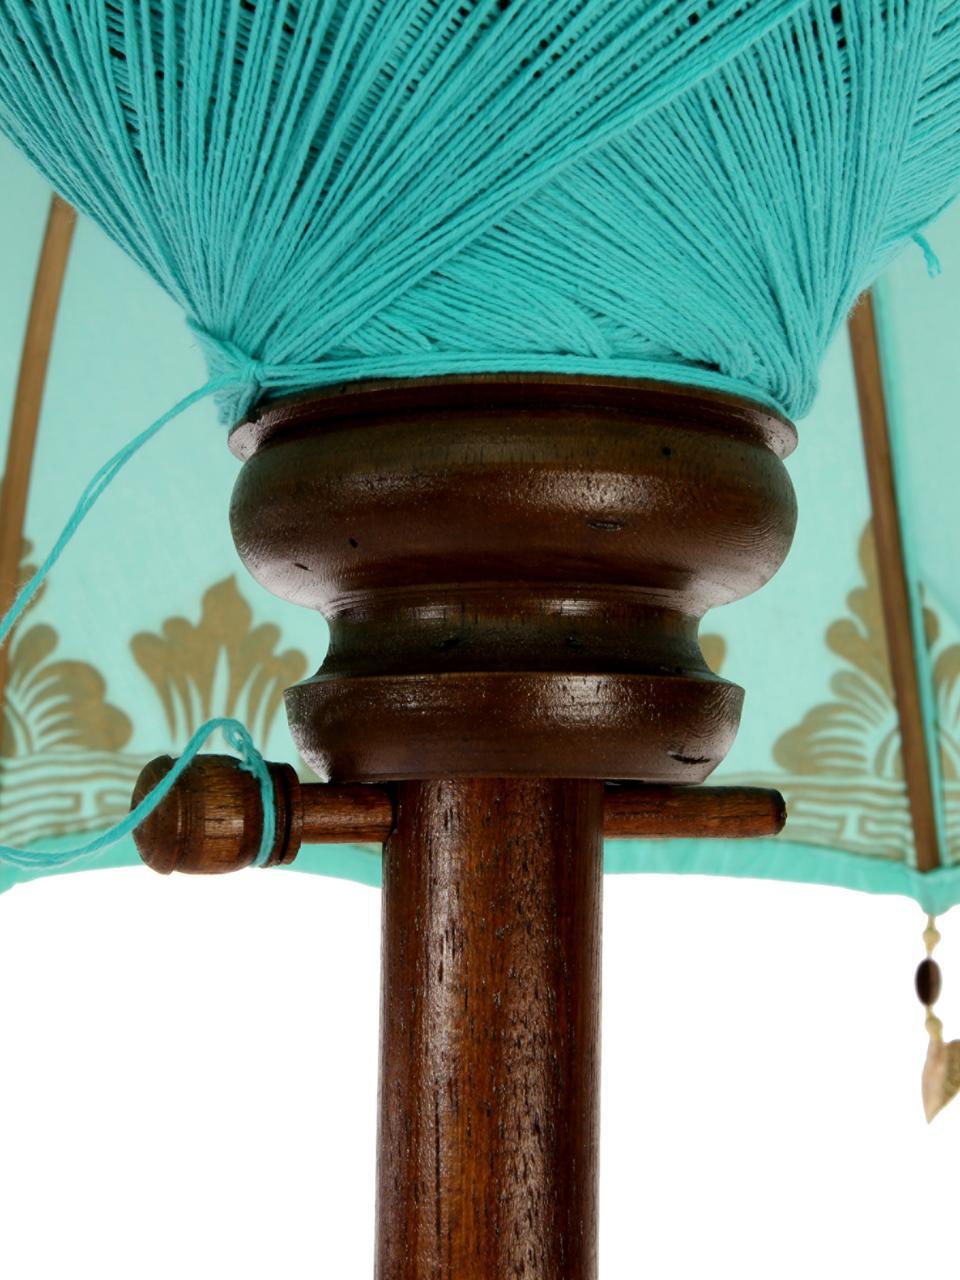 Parasol Oriental Lounge, Turquoise, couleur dorée, brun foncé